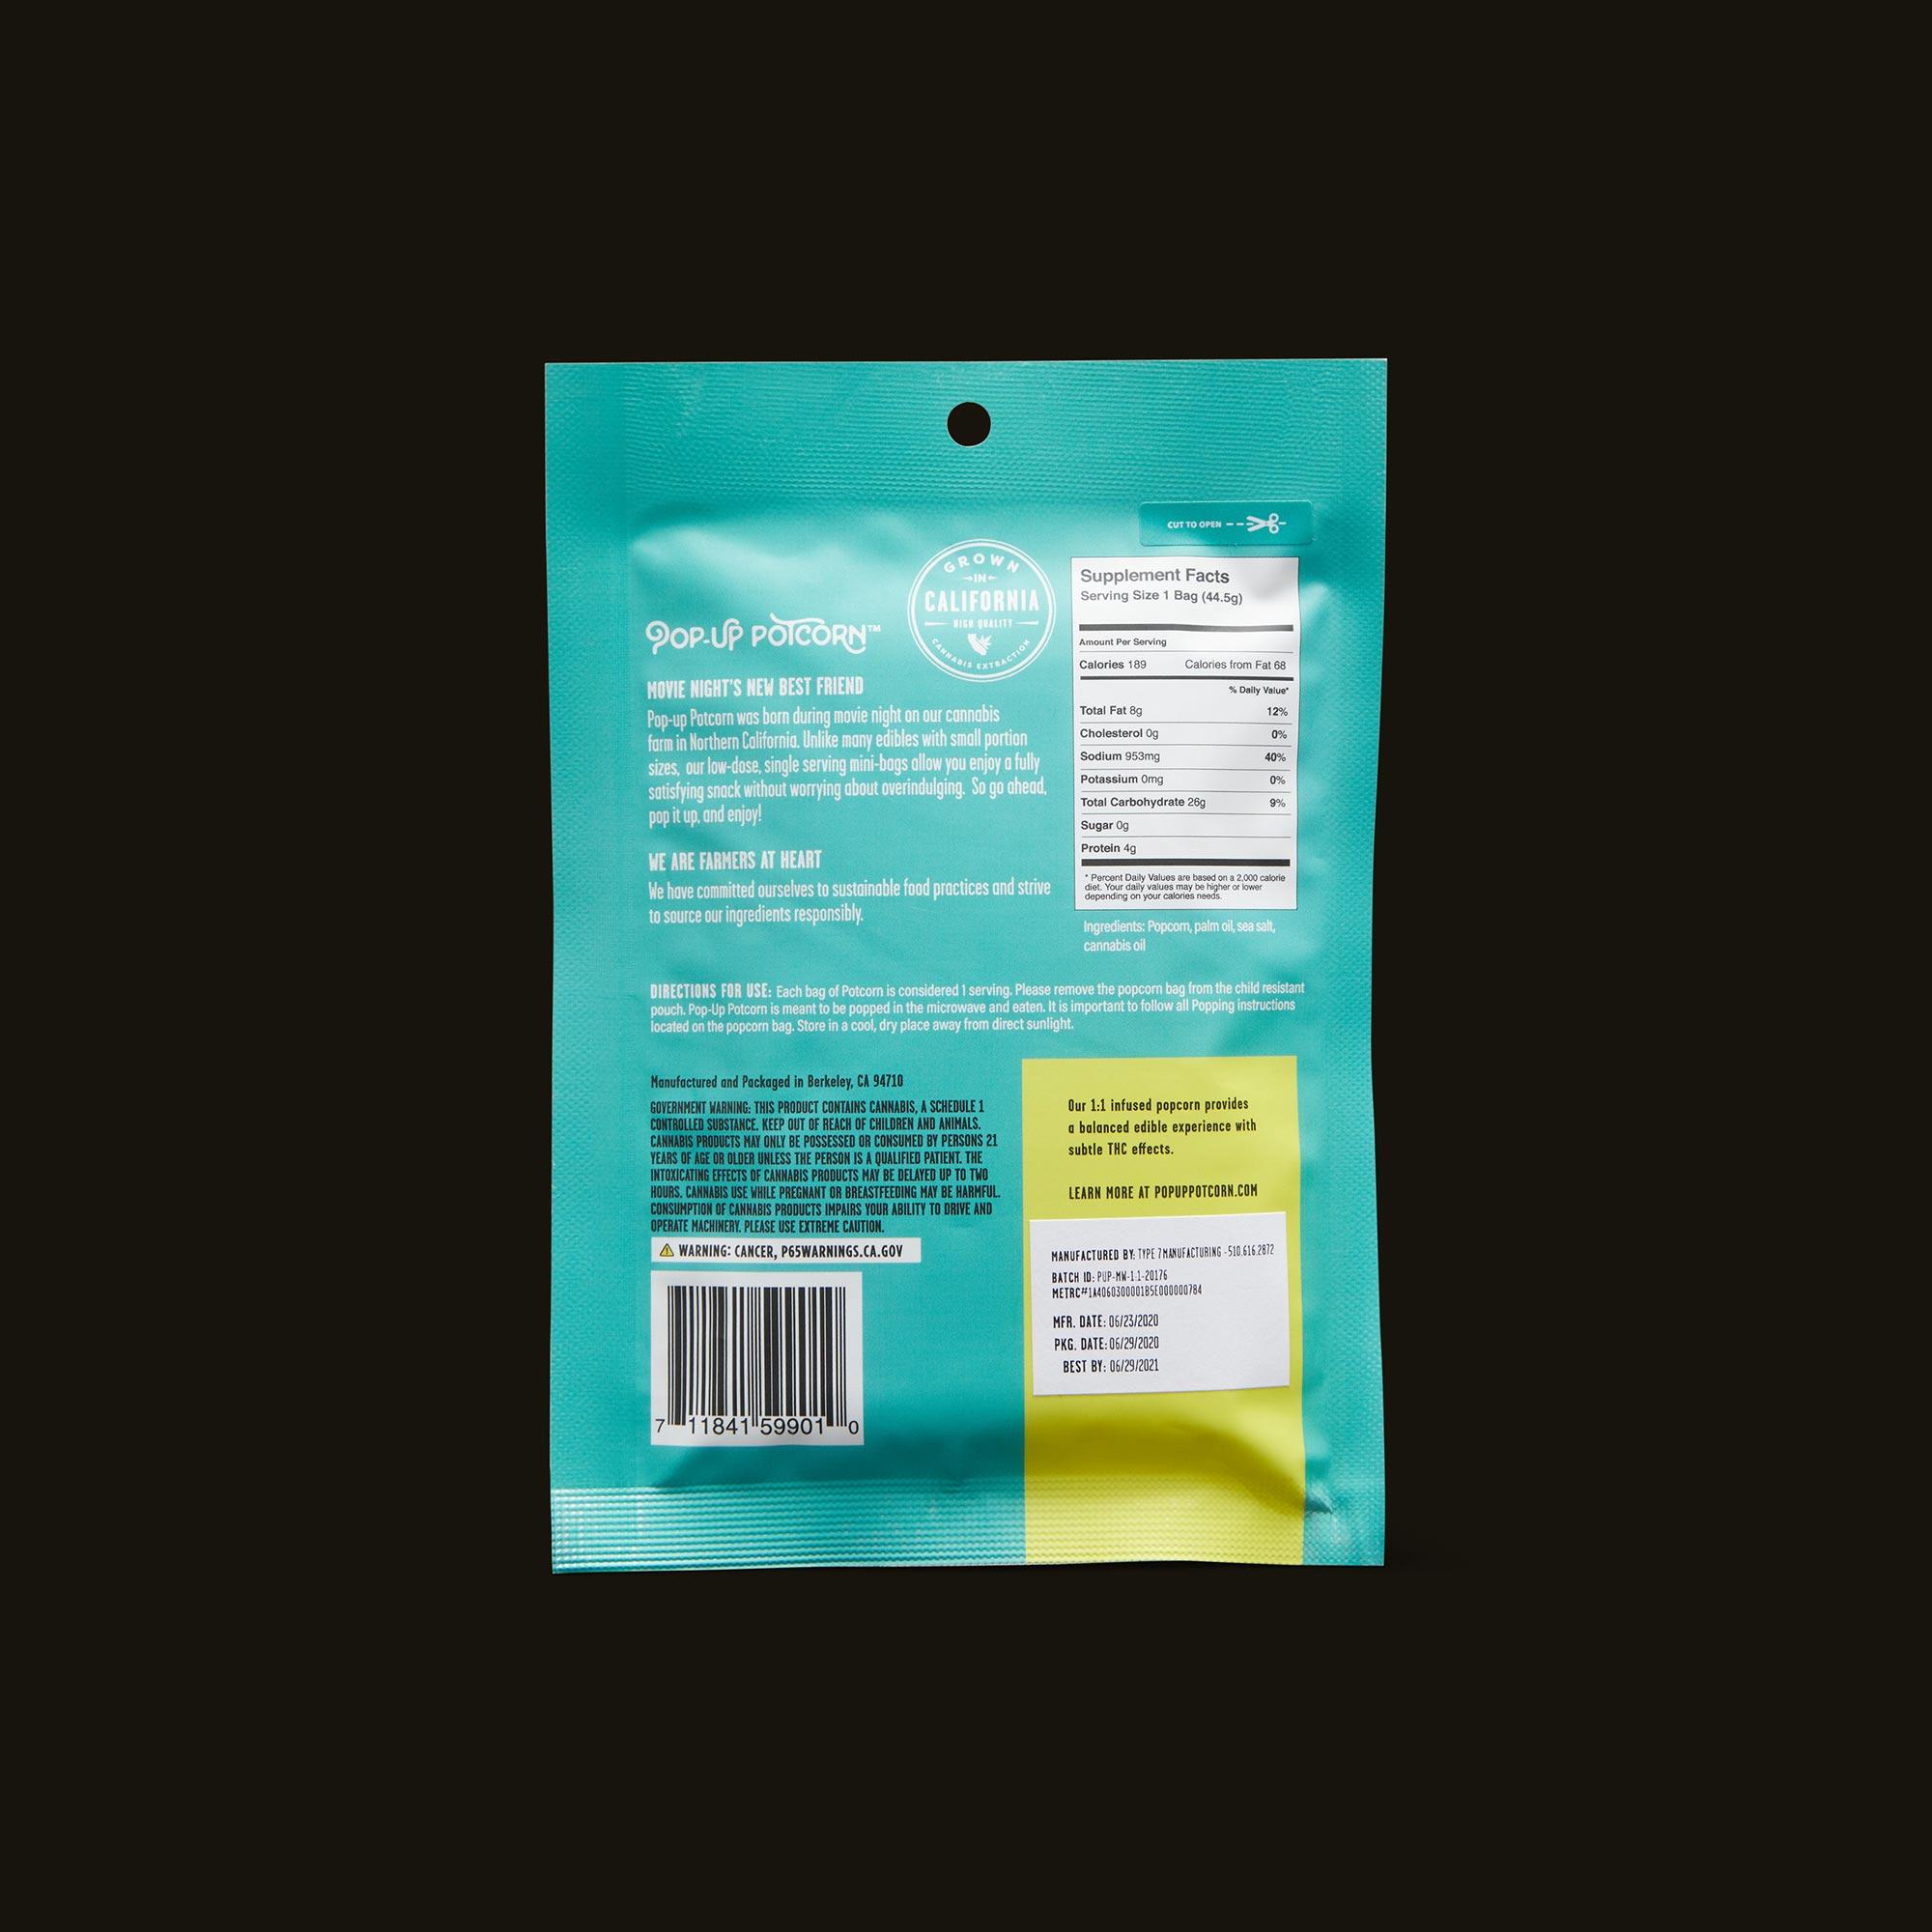 Pop-Up Potcorn Sea Salt Microwave Popcorn 1:1 - Single Nutrition Facts